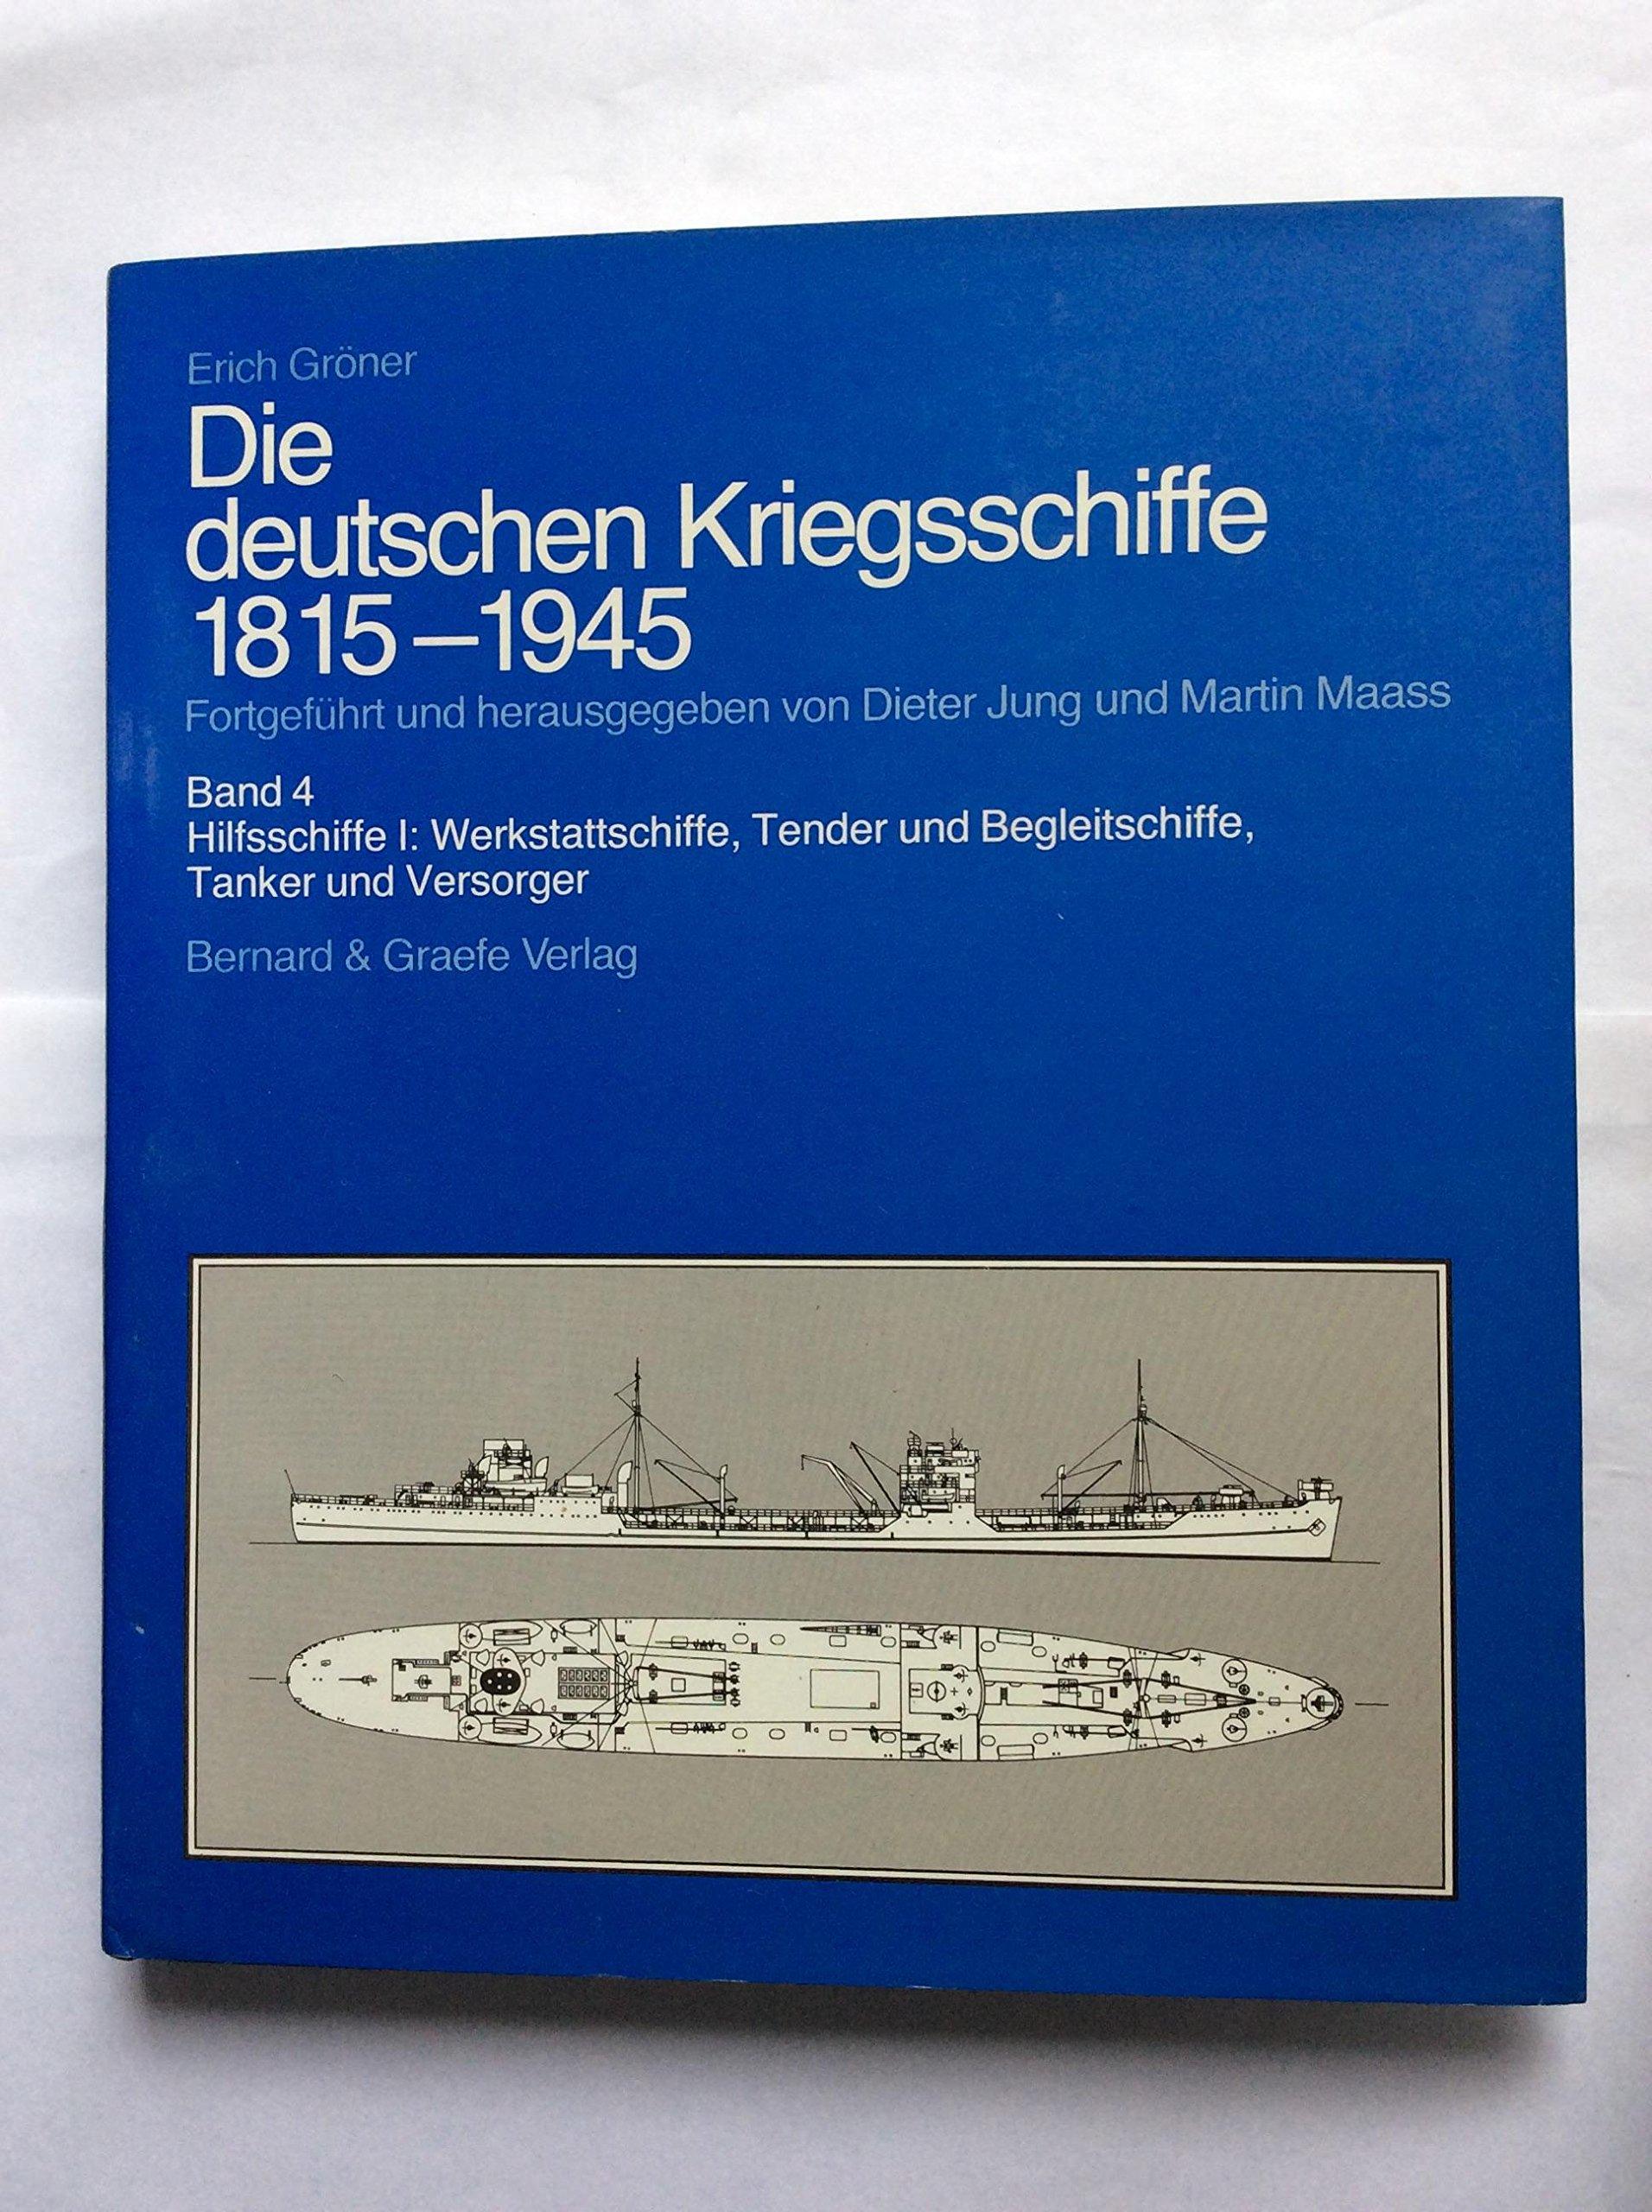 Die deutschen Kriegsschiffe 1815-1945, 8 Bde. in 9 Tl.-Bdn, Bd.4, Hilfsschiffe